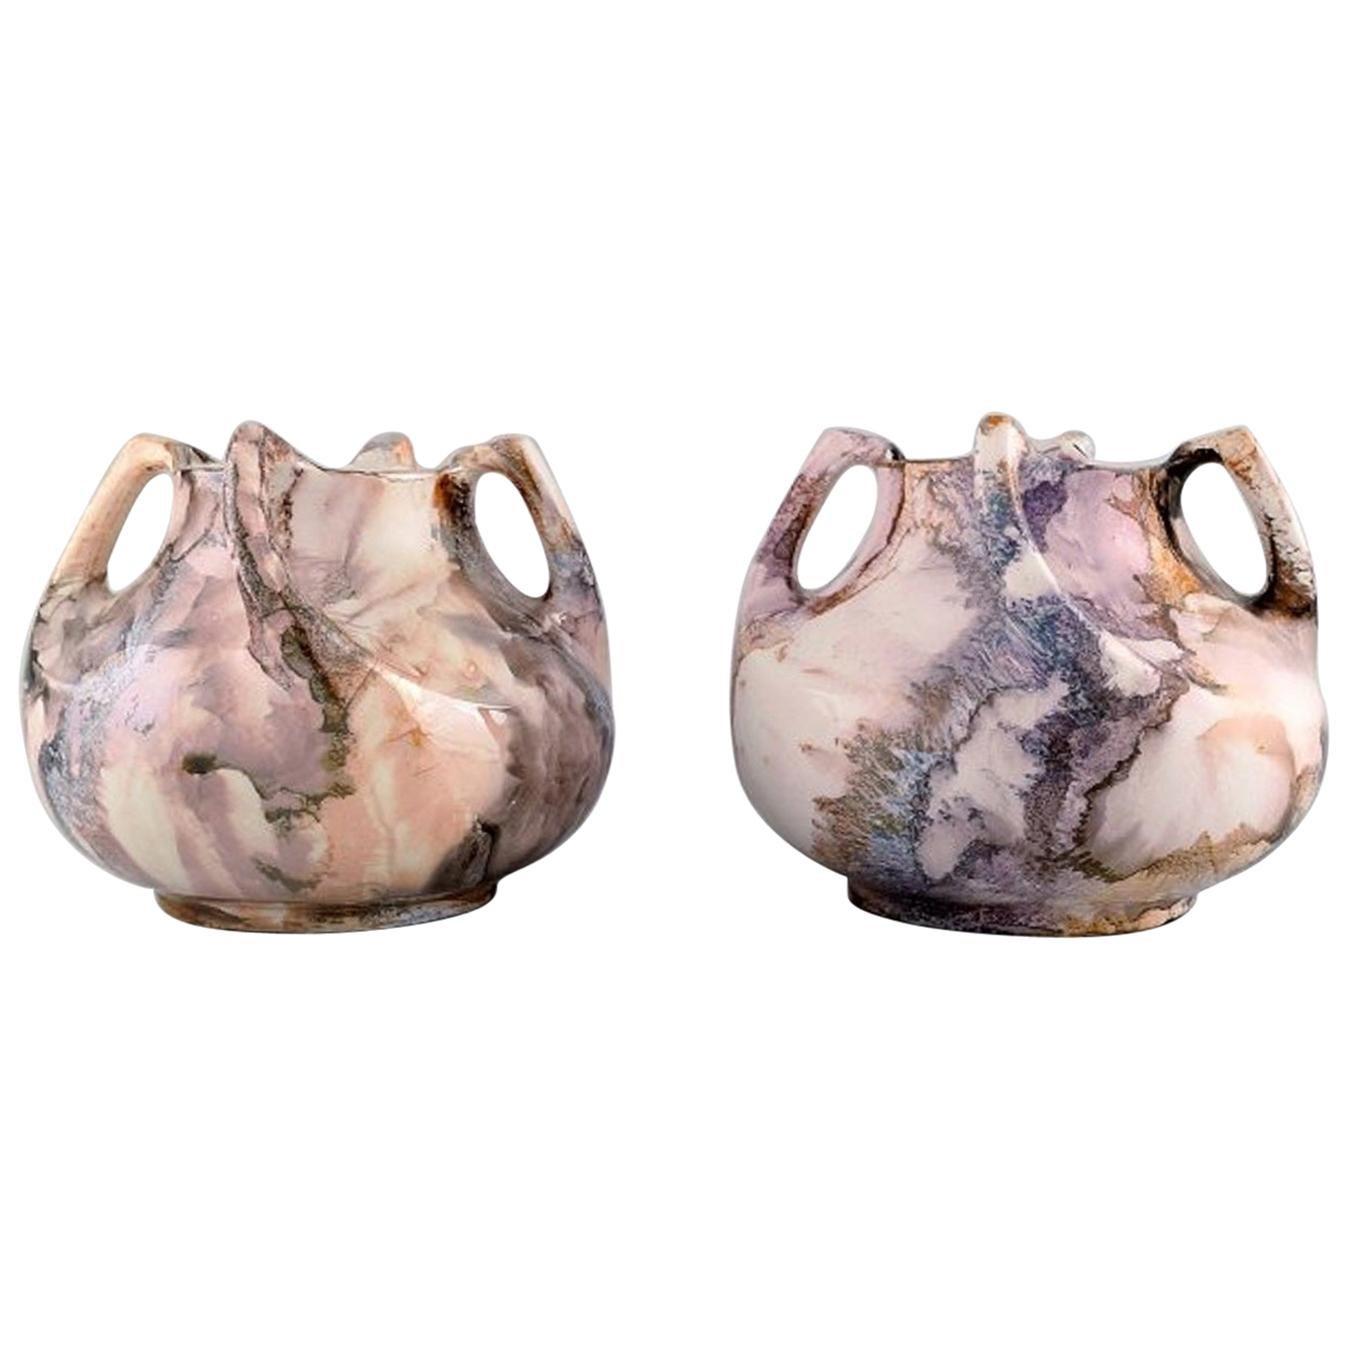 Alf Wallander for Rörstrand, a Pair of Vases in Glazed Ceramics